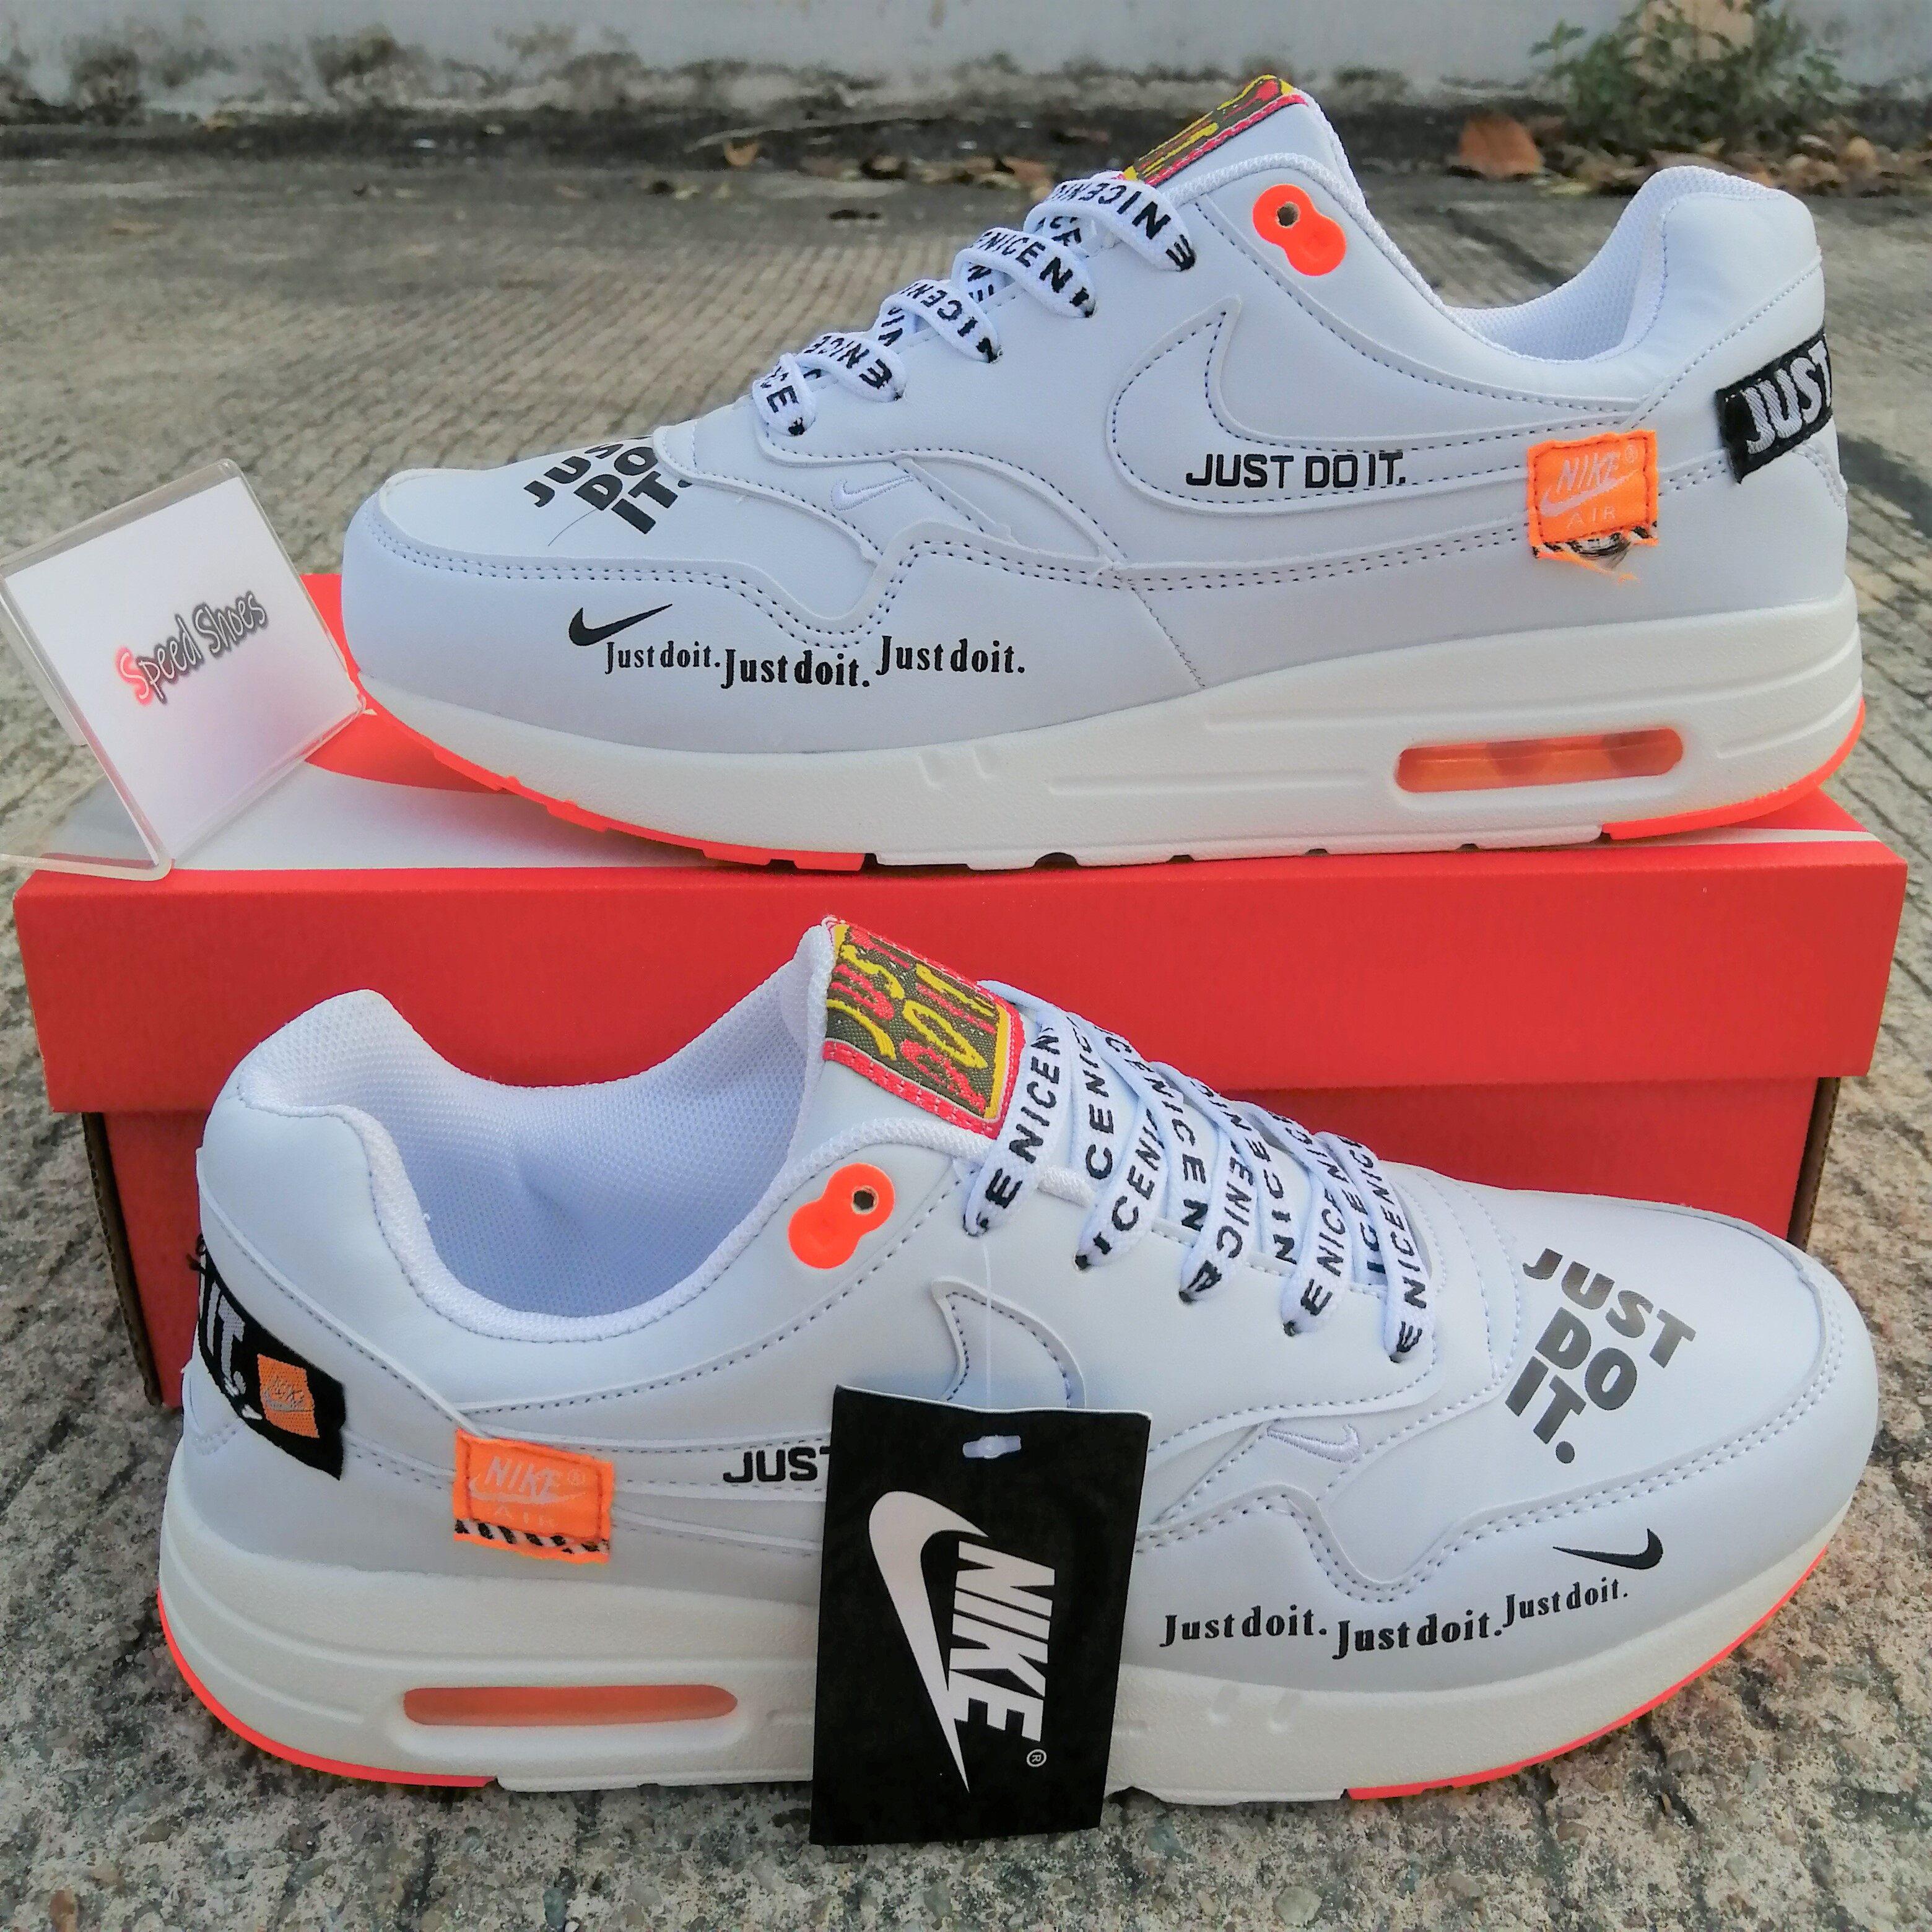 Nike Air Force 1  Just Do It  (ขาว) รองเท้าผ้าใบแฟชัน ใส่ได้ทุกที่ ลุยได้ทุกสถานการณ์ ราคาพิเศษลดสุด! พร้อมของแถมอุปกรณ์ครบในกล่องฟรี!!.